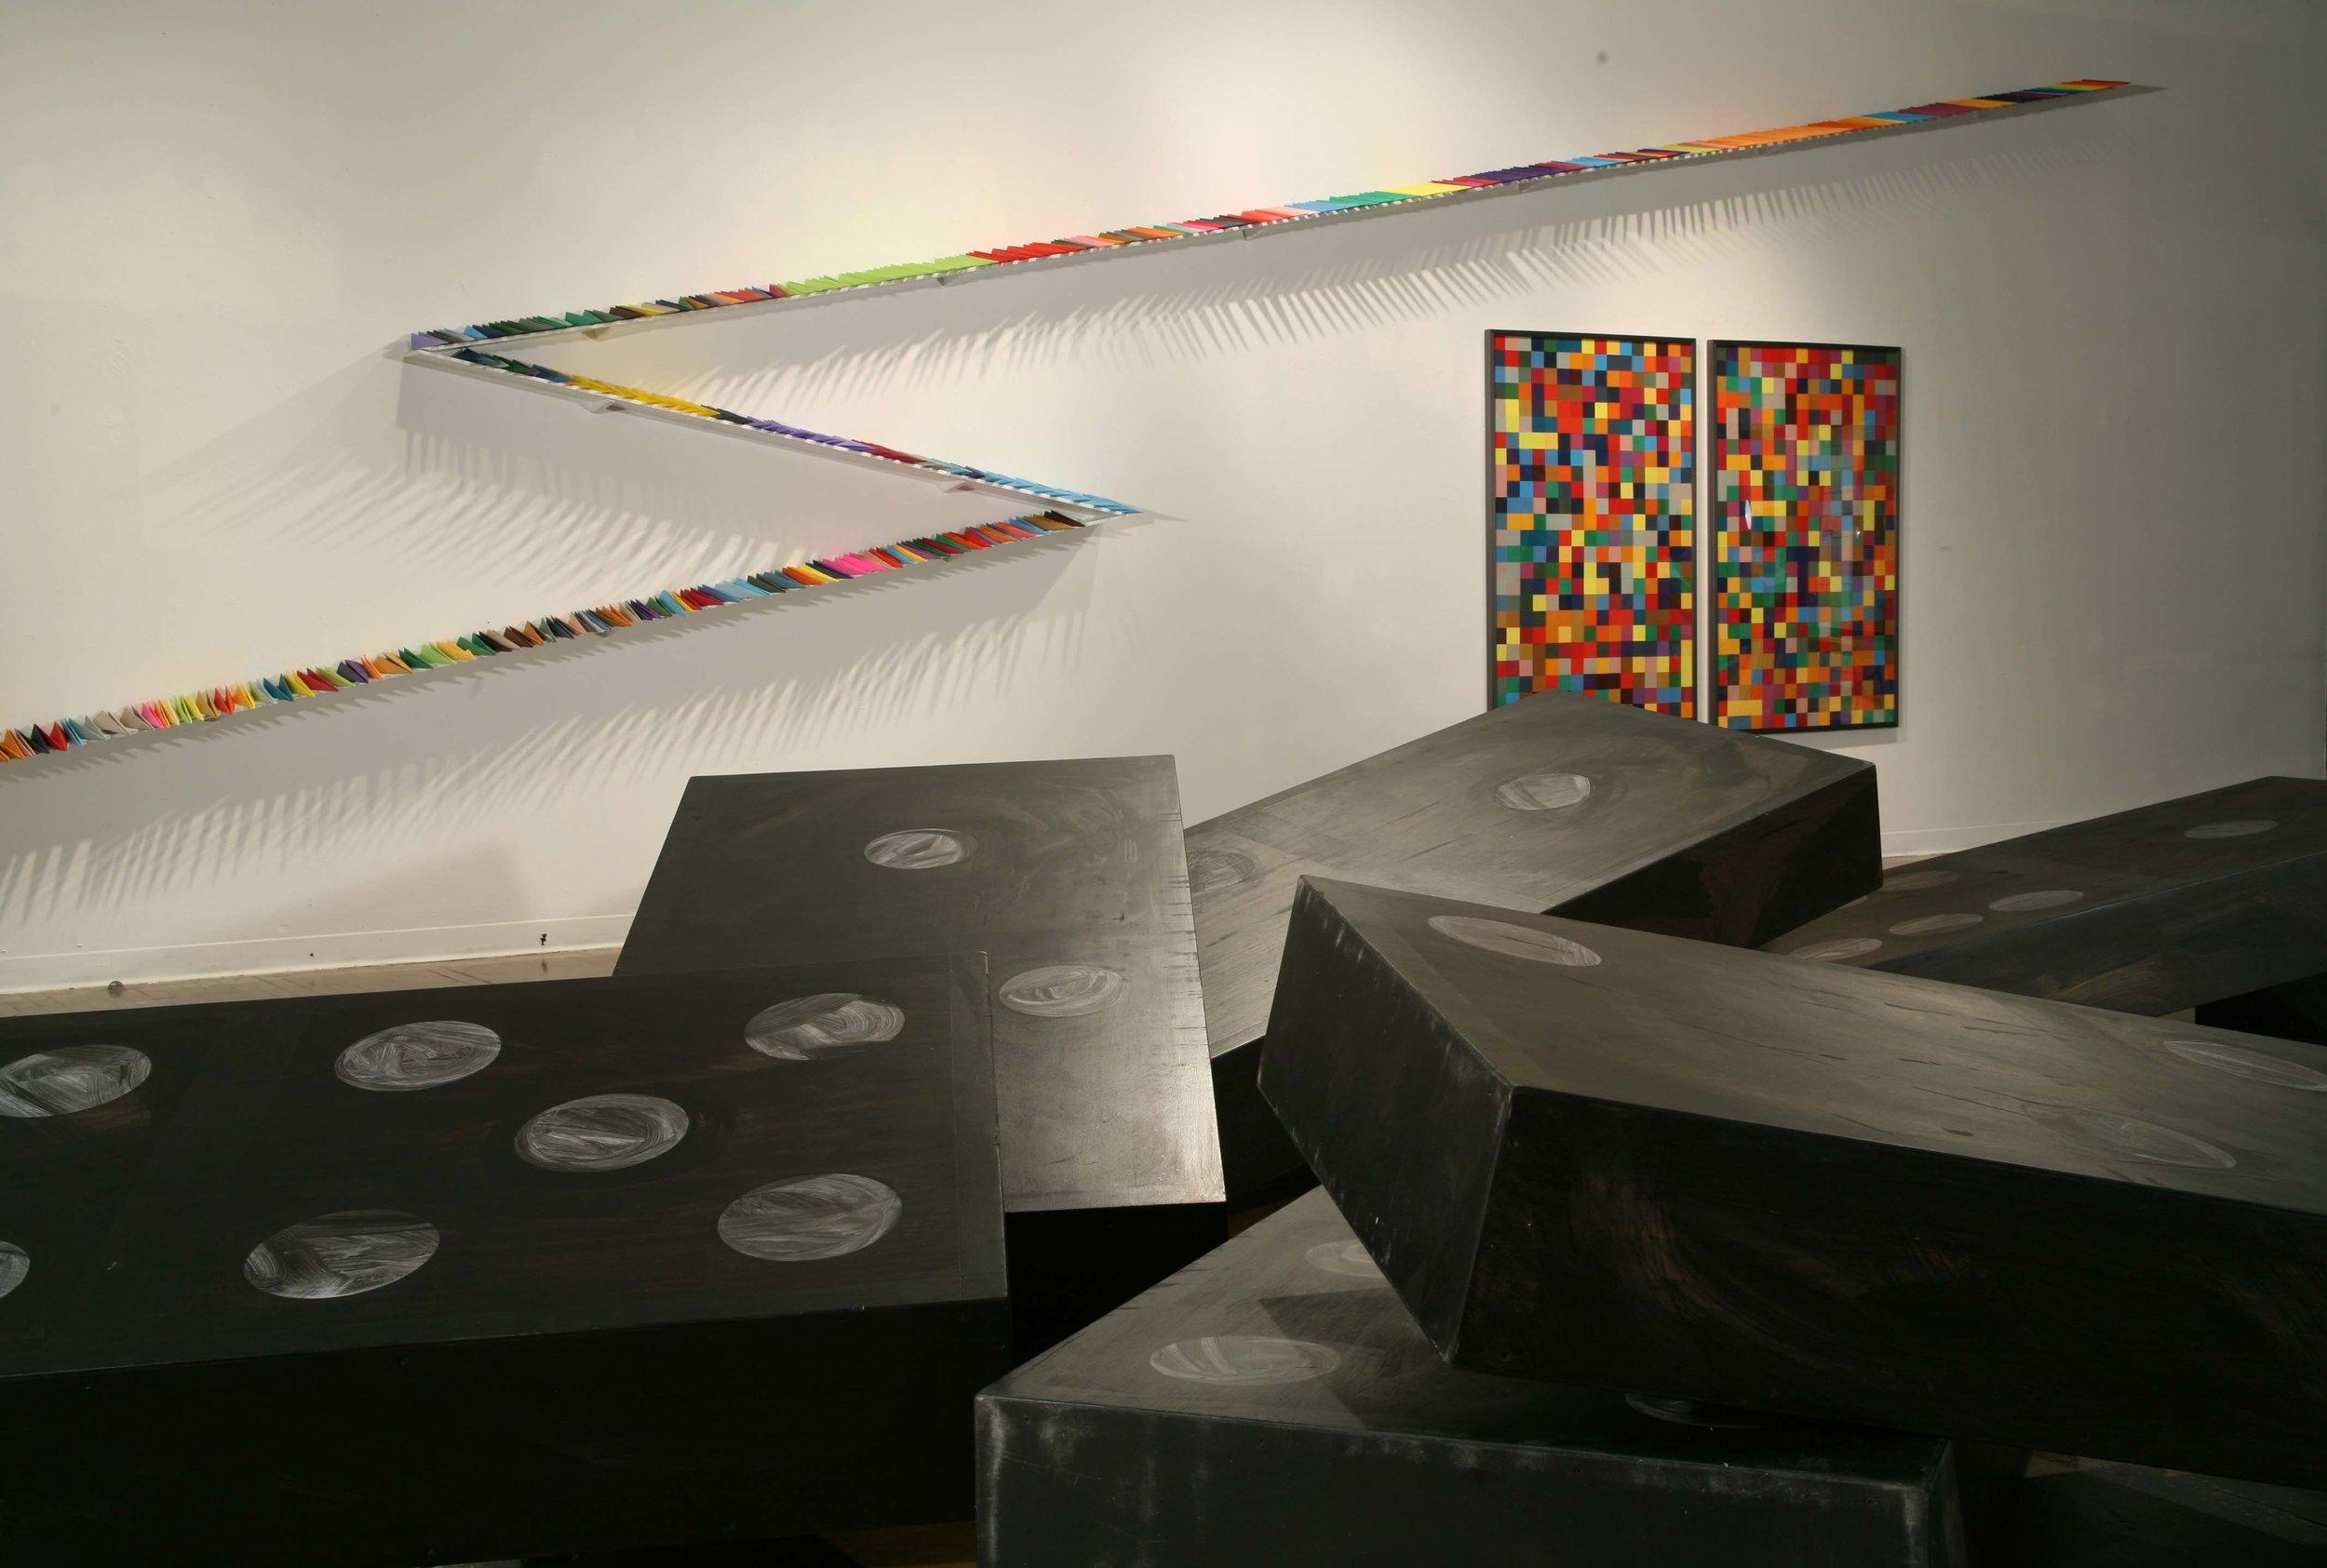 Doyle Gertjejansen    Domino Theory ,2006   Delgado Fine Arts Gallery, New Orleans, LA